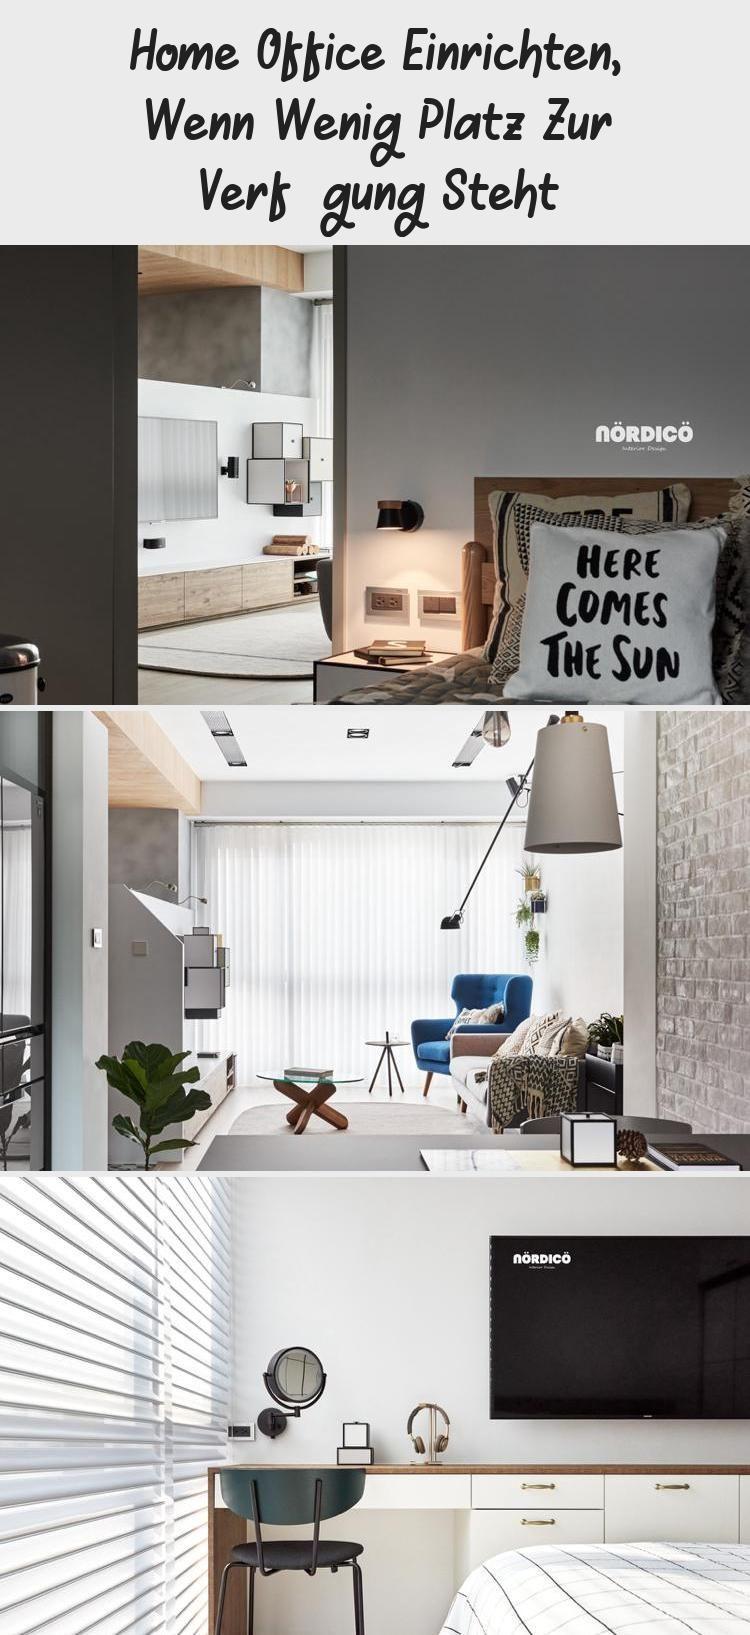 Home Office Einrichten, Wenn Wenig Platz Zur Verfügung